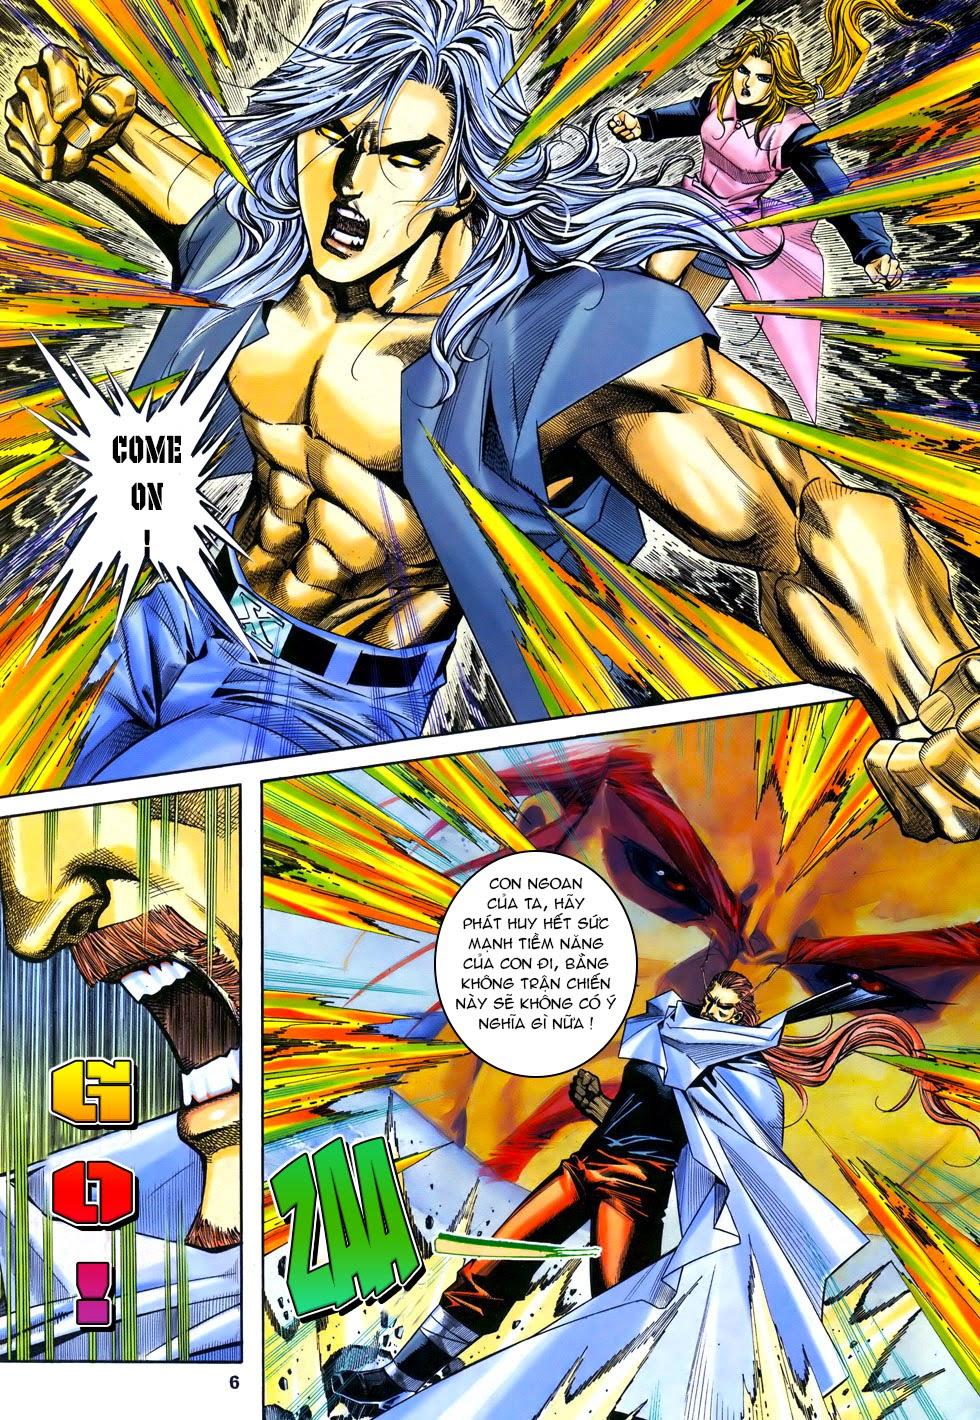 X Bạo Tộc chap 67 - Trang 6